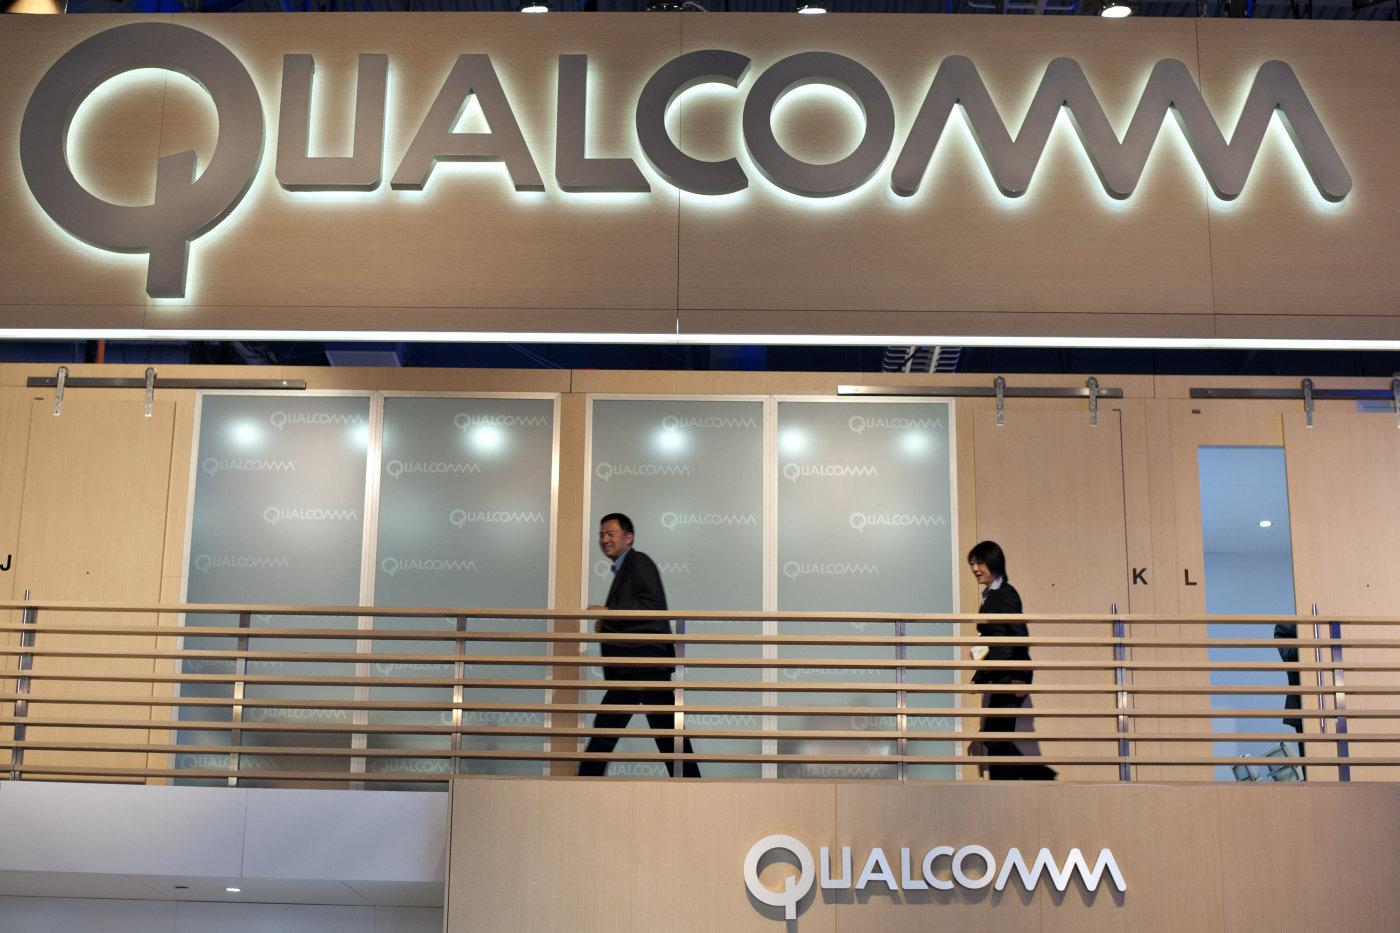 El nuevo chip de Qualcomm hará tus wearables más eficientes